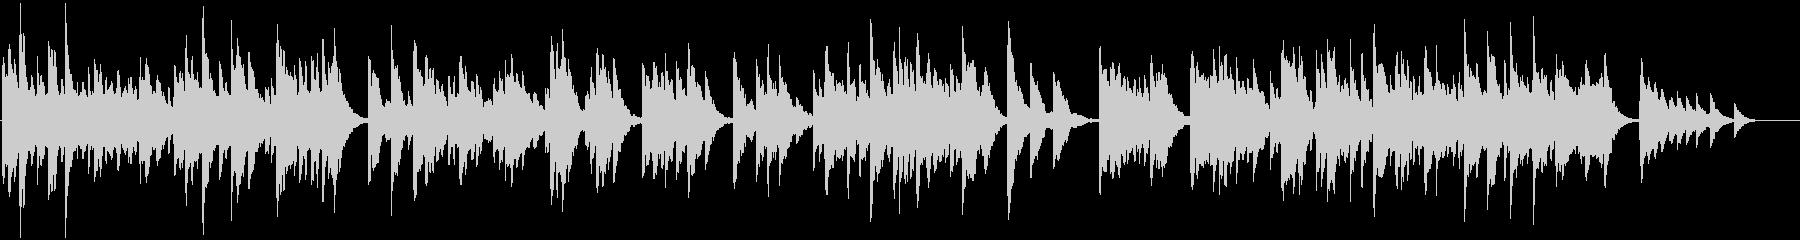 かわいい音色の温もりあるオルゴールの未再生の波形